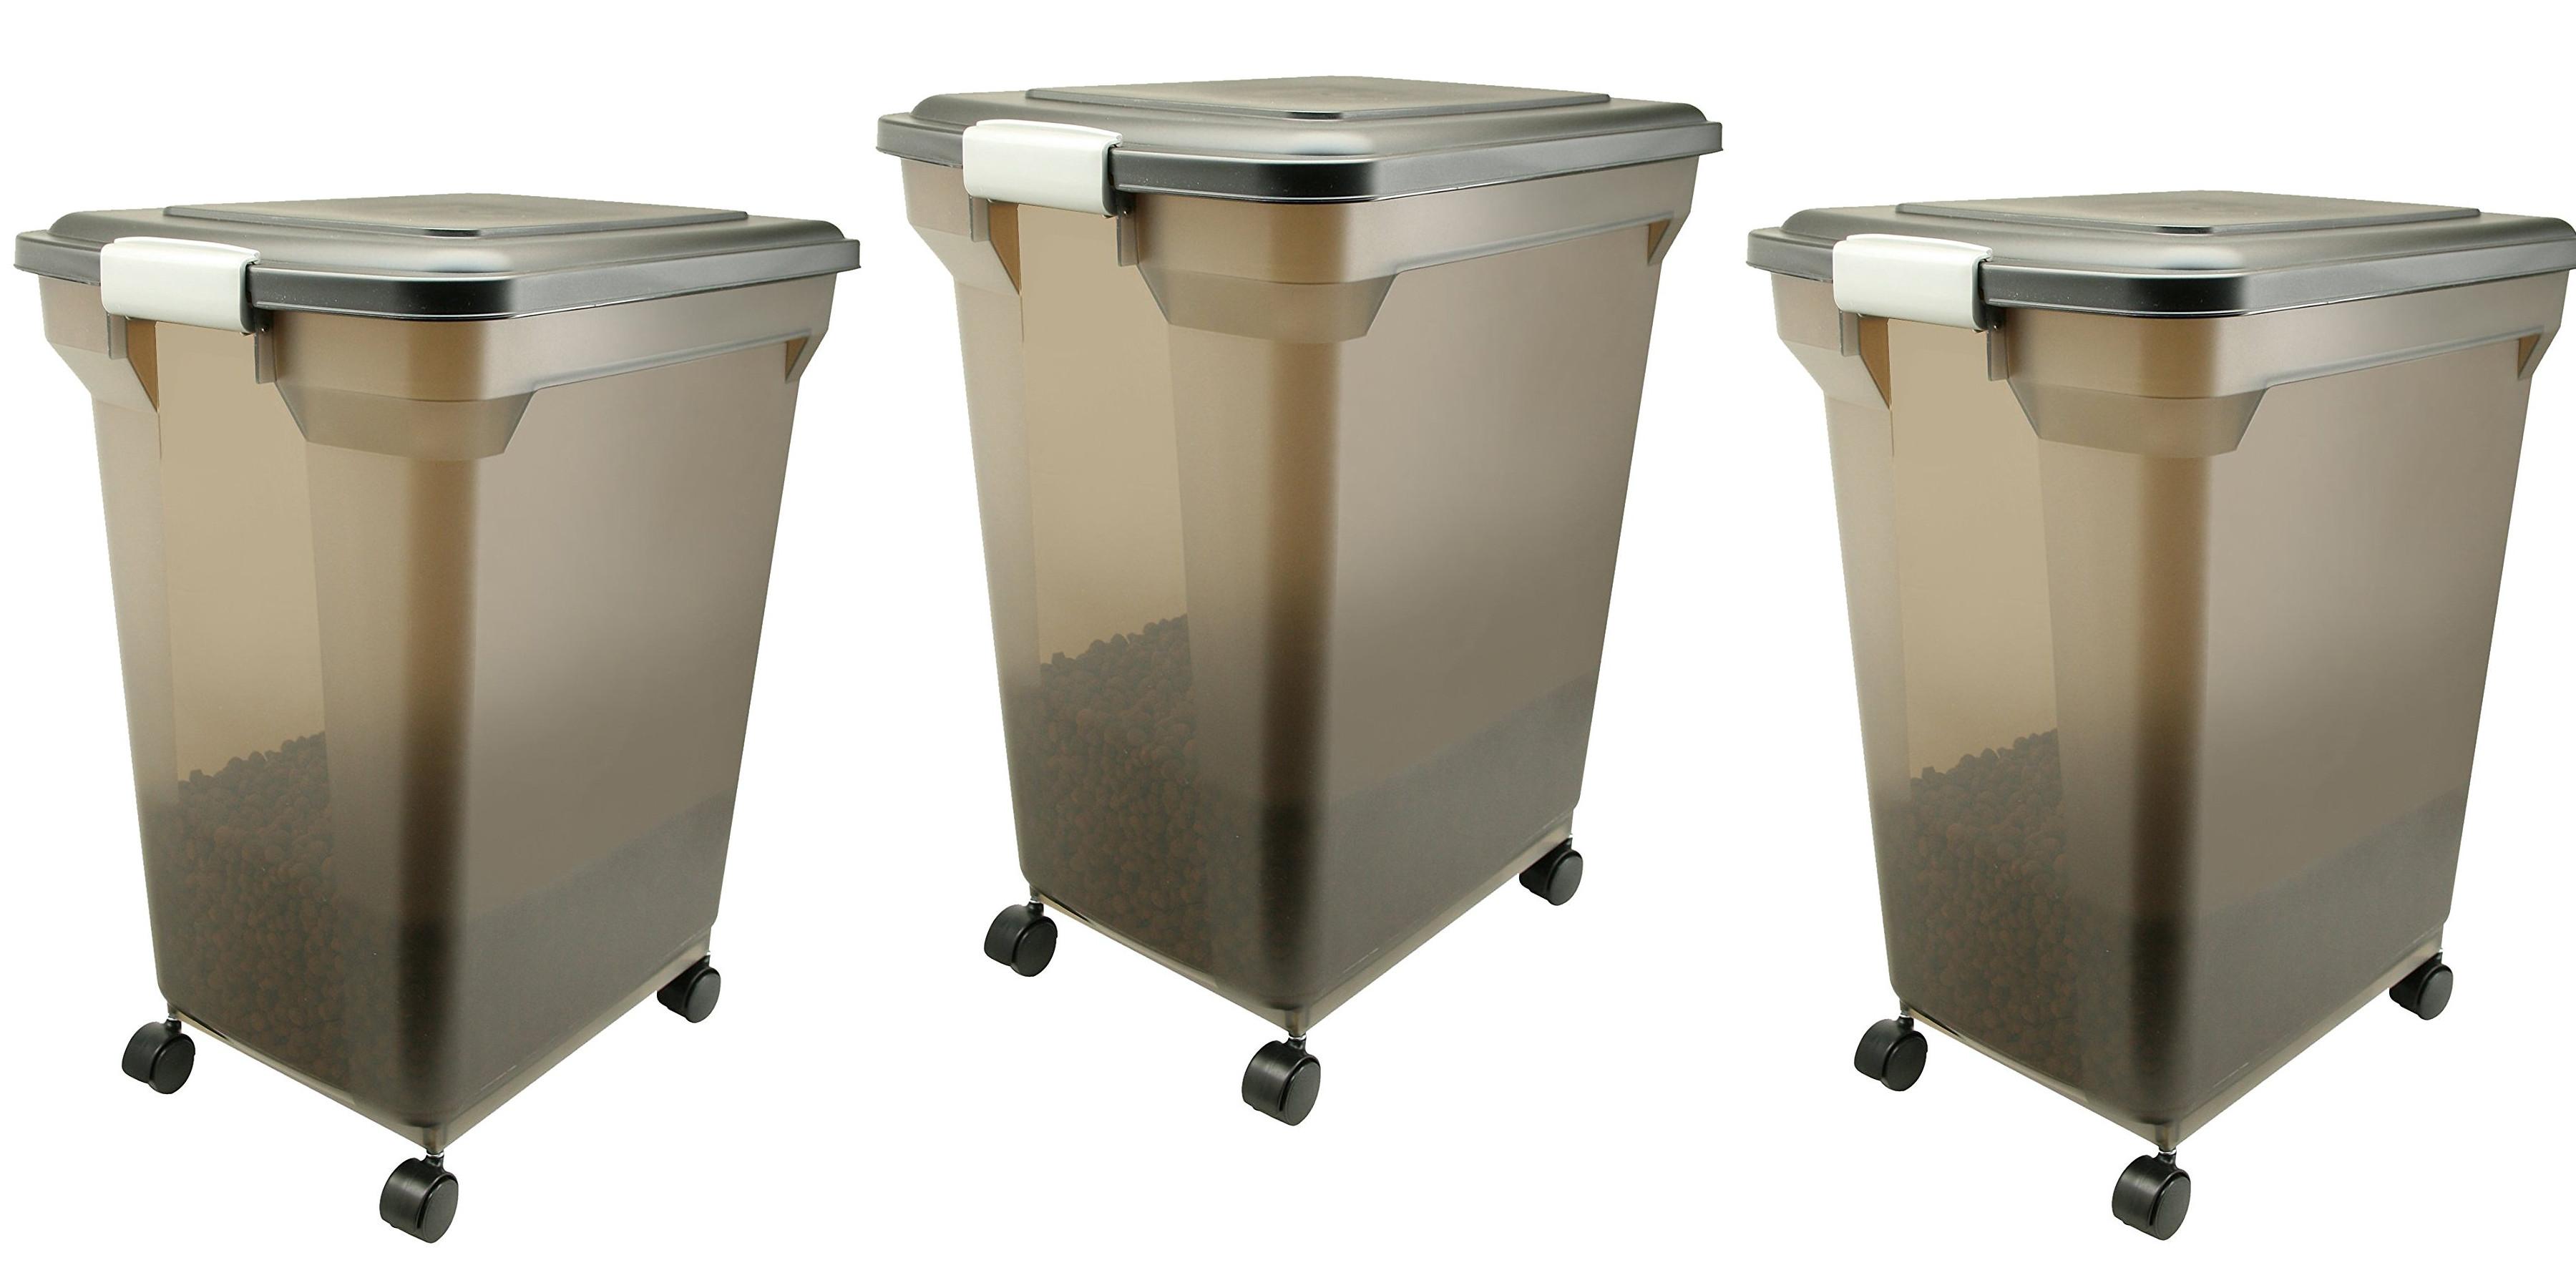 IRIS Premium 55 lb Airtight Pet Food Storage Container now under